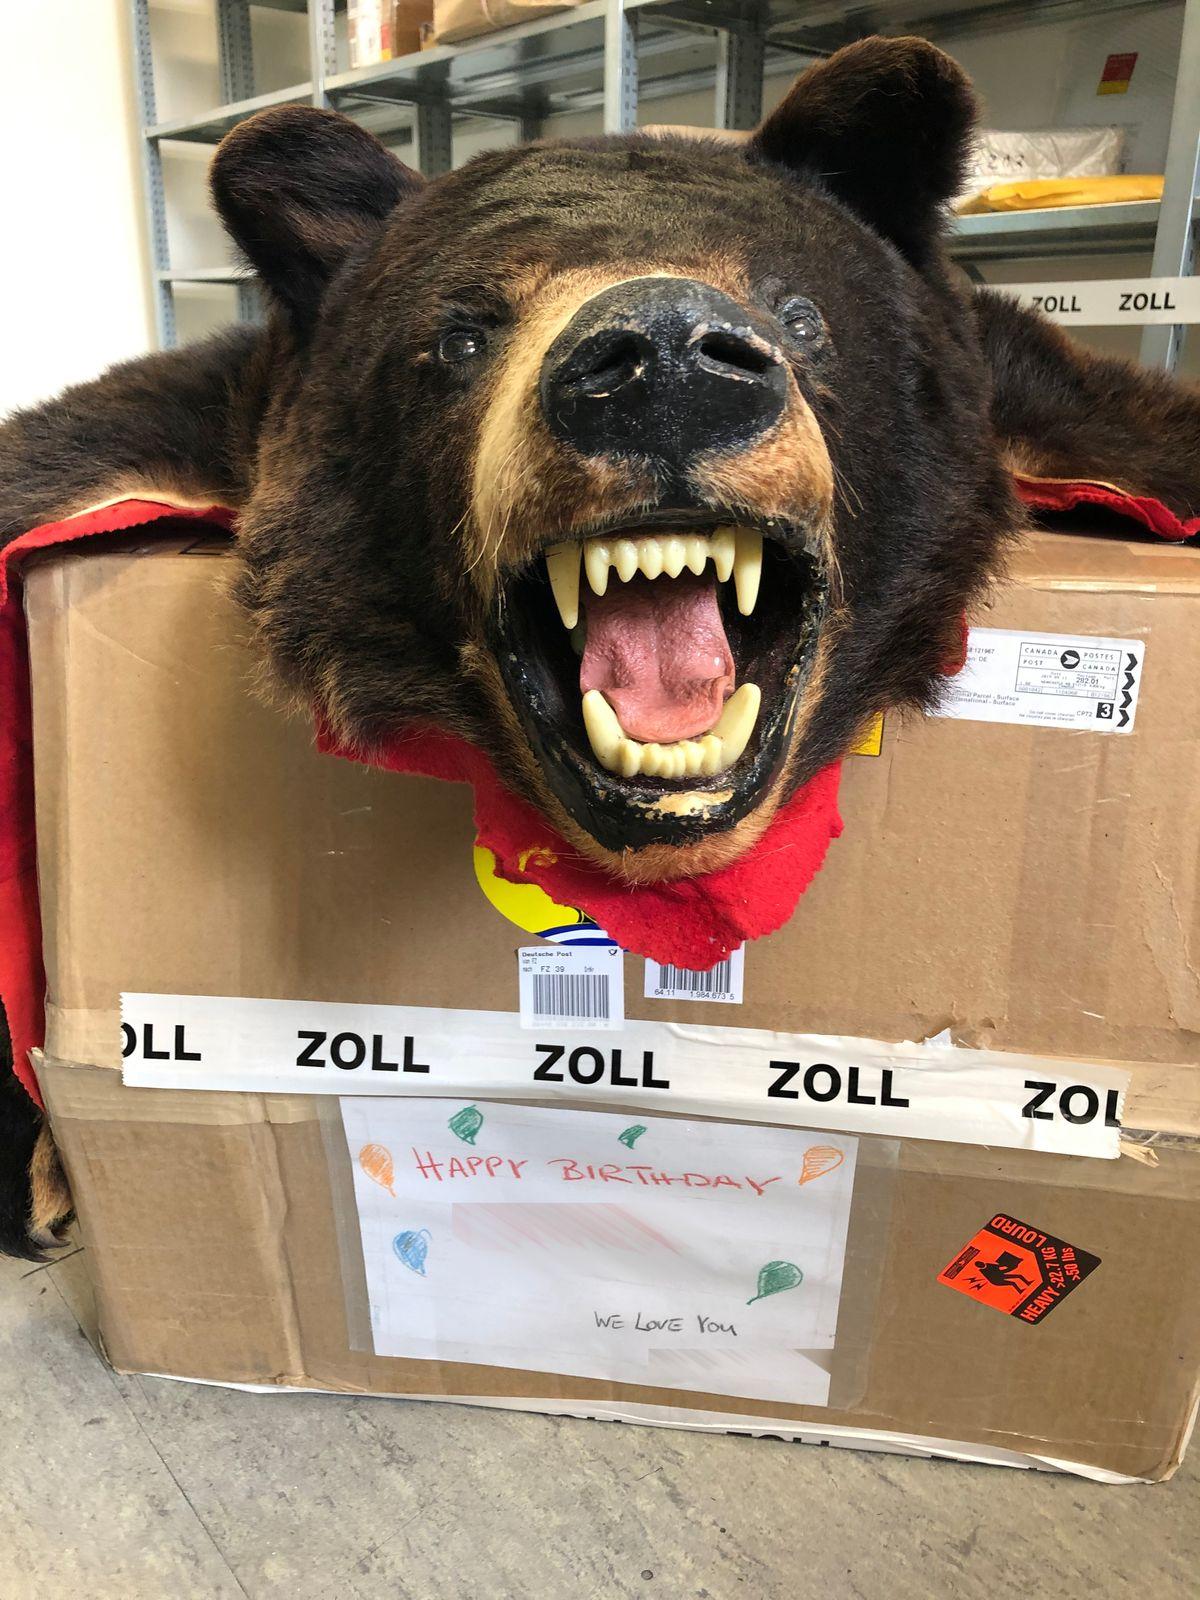 Zweijähriges Mädchen Bekommt Toten Schwarzbären Per Post